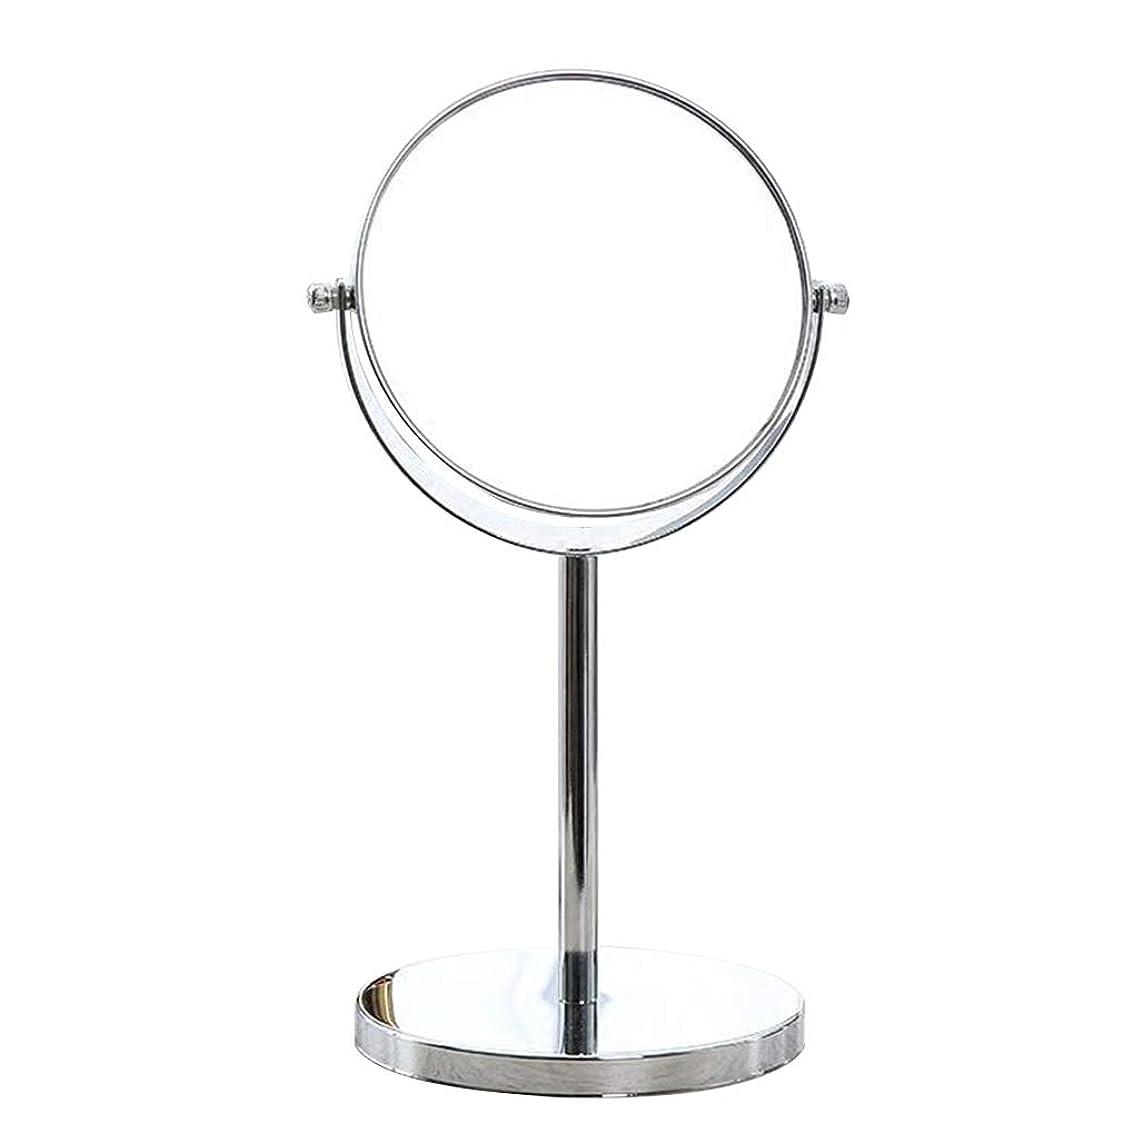 ハーブ原稿作成するHUYYA デスクトップ化粧鏡、両面 化粧ミラー 3倍拡大 けメイクミラー 360 °回転バスルームミラー,Silver_6inch